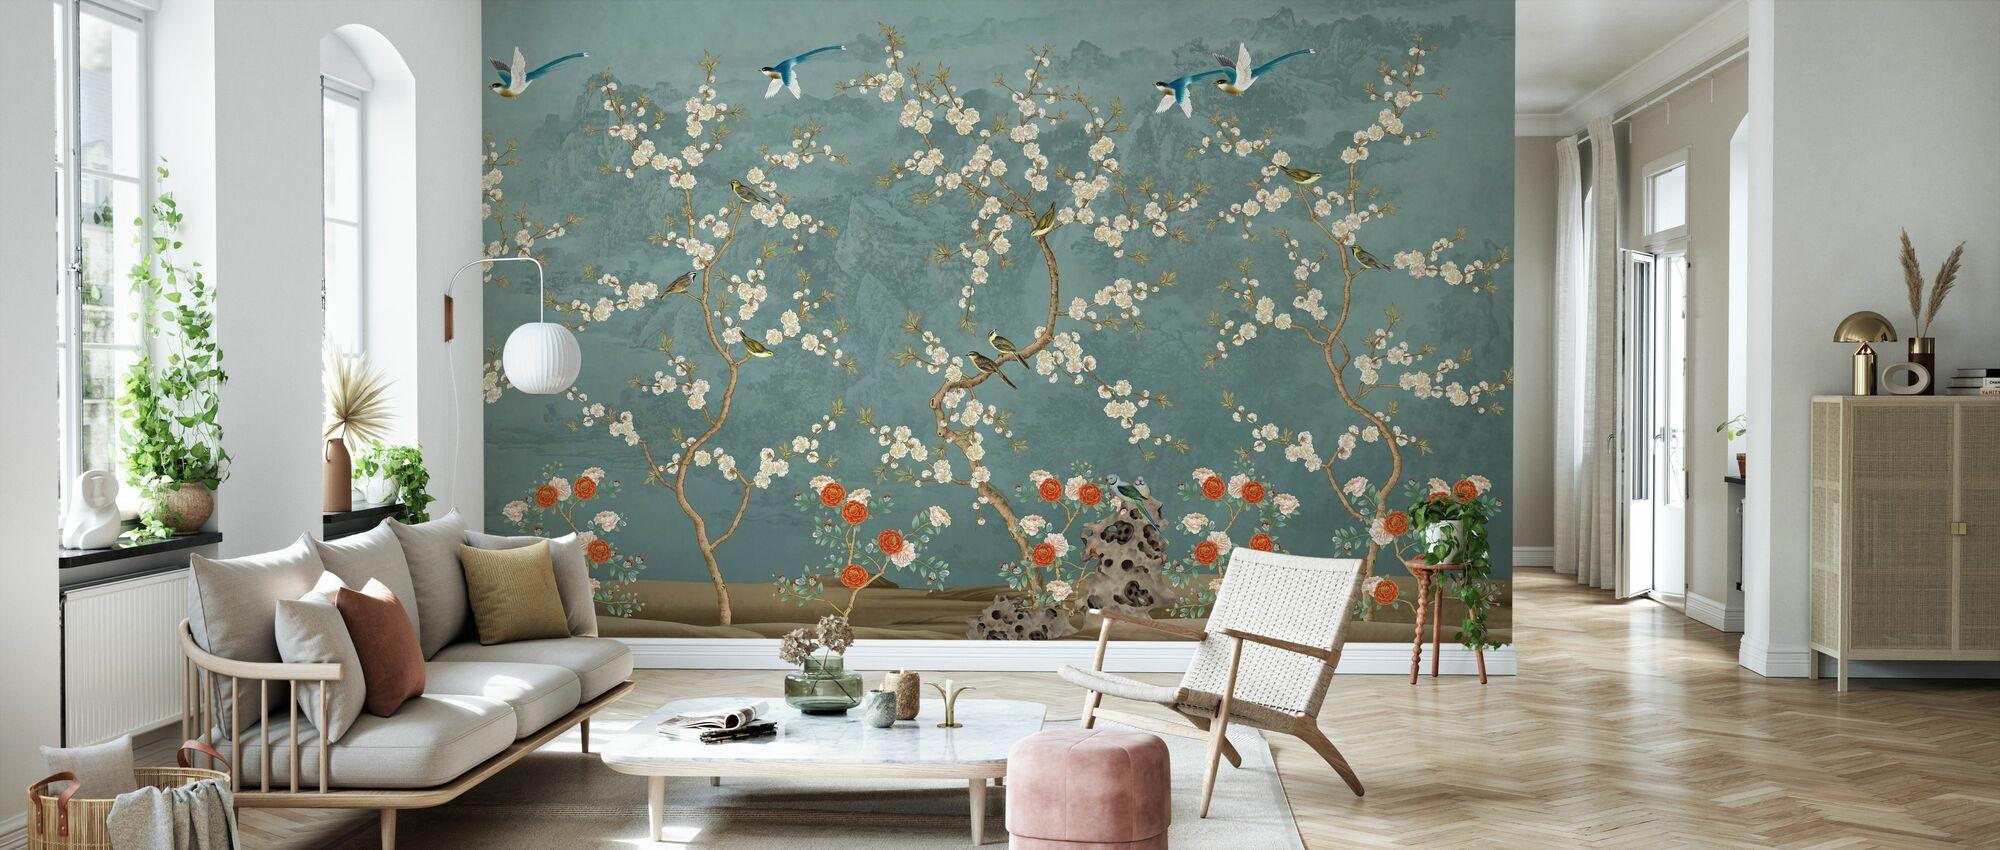 Chinoiserie Garten - Blau - Tapete - Wohnzimmer